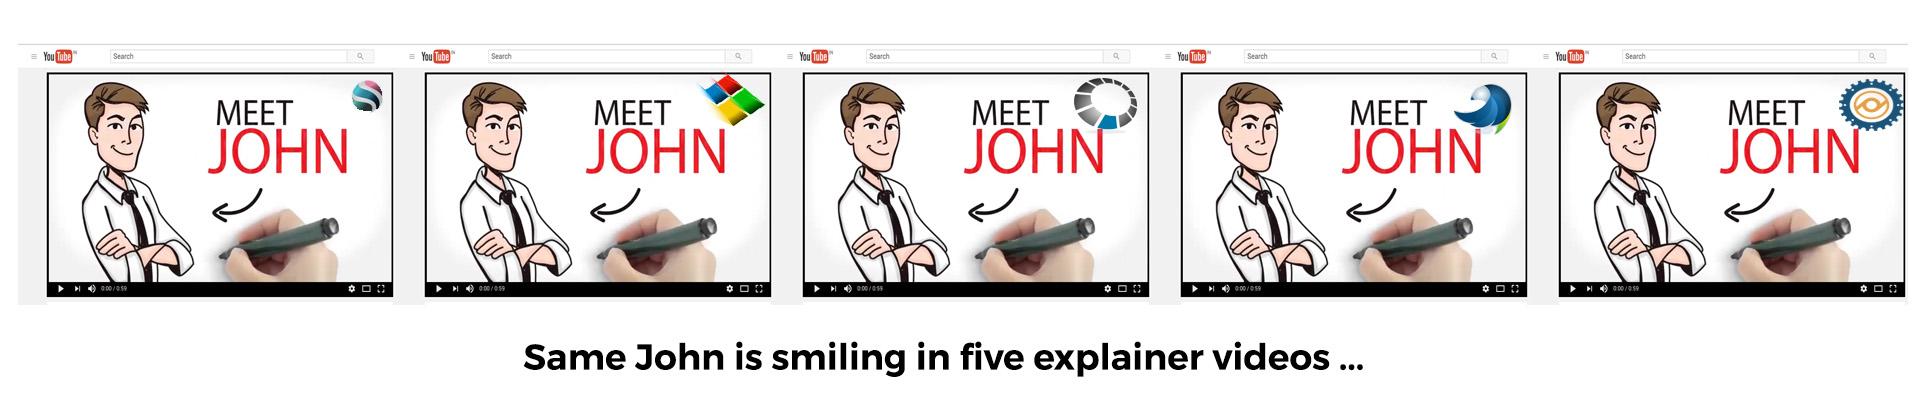 Custom video explainer